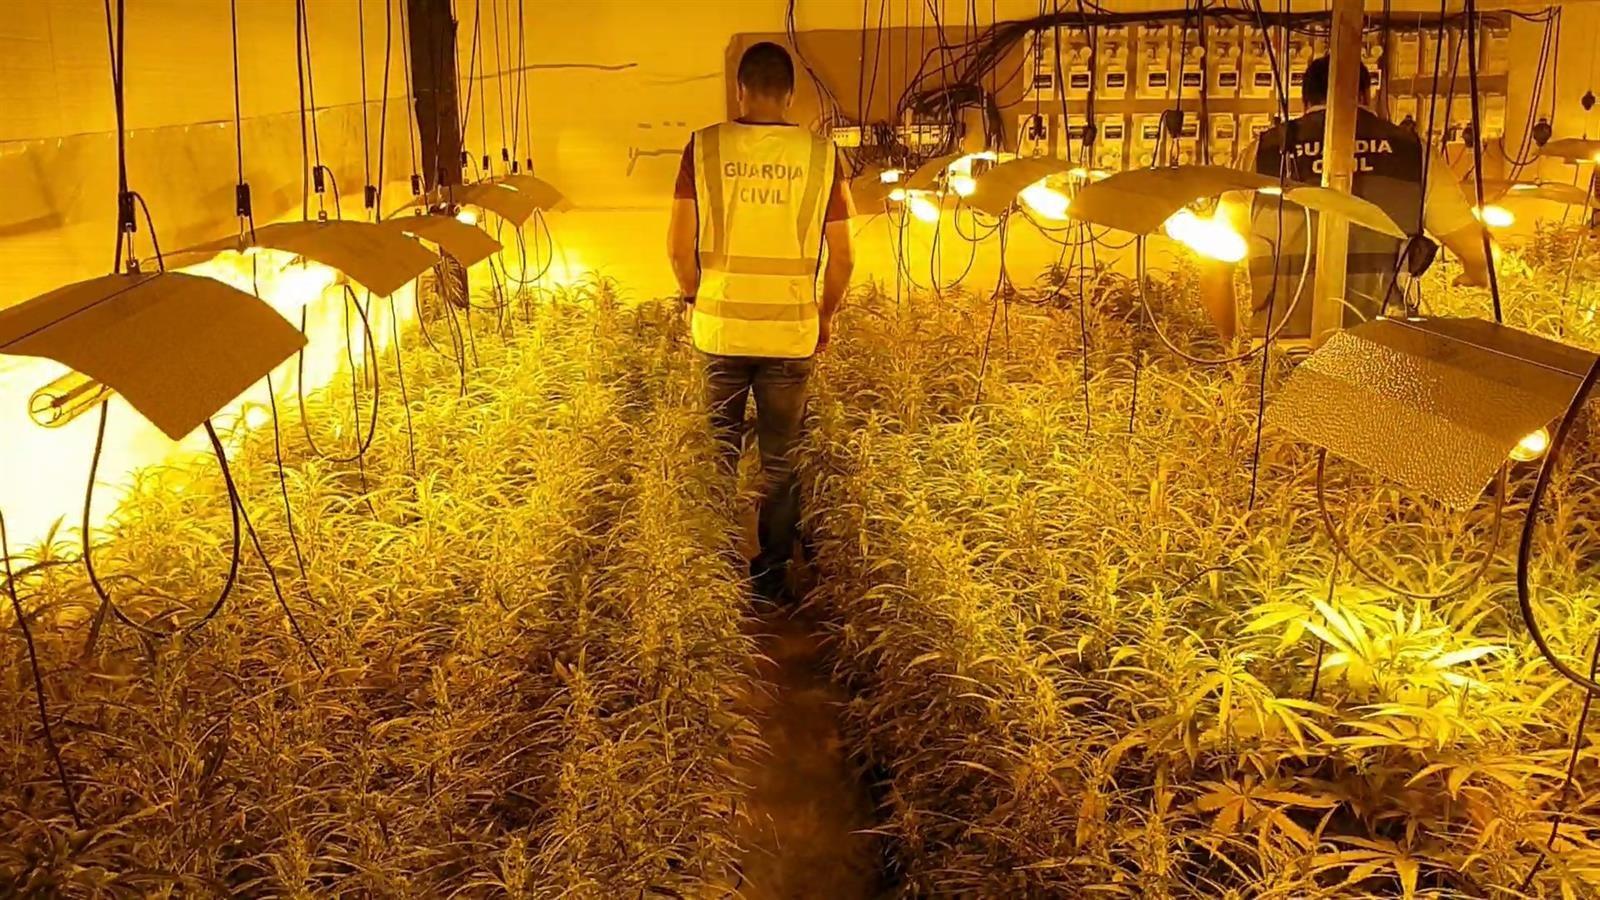 Intervenidas más de 1.300 plantas de marihuana en Chauchina y Atarfe